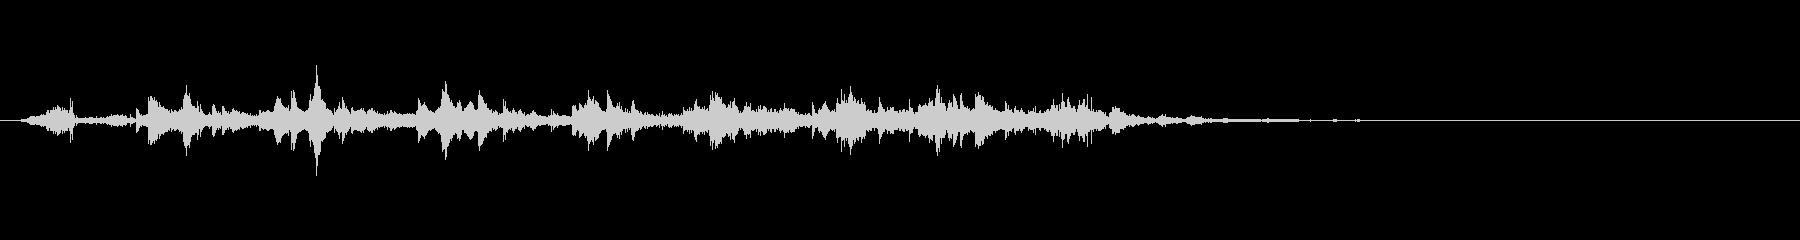 浮遊感のある不思議な効果音・FMラジオの未再生の波形